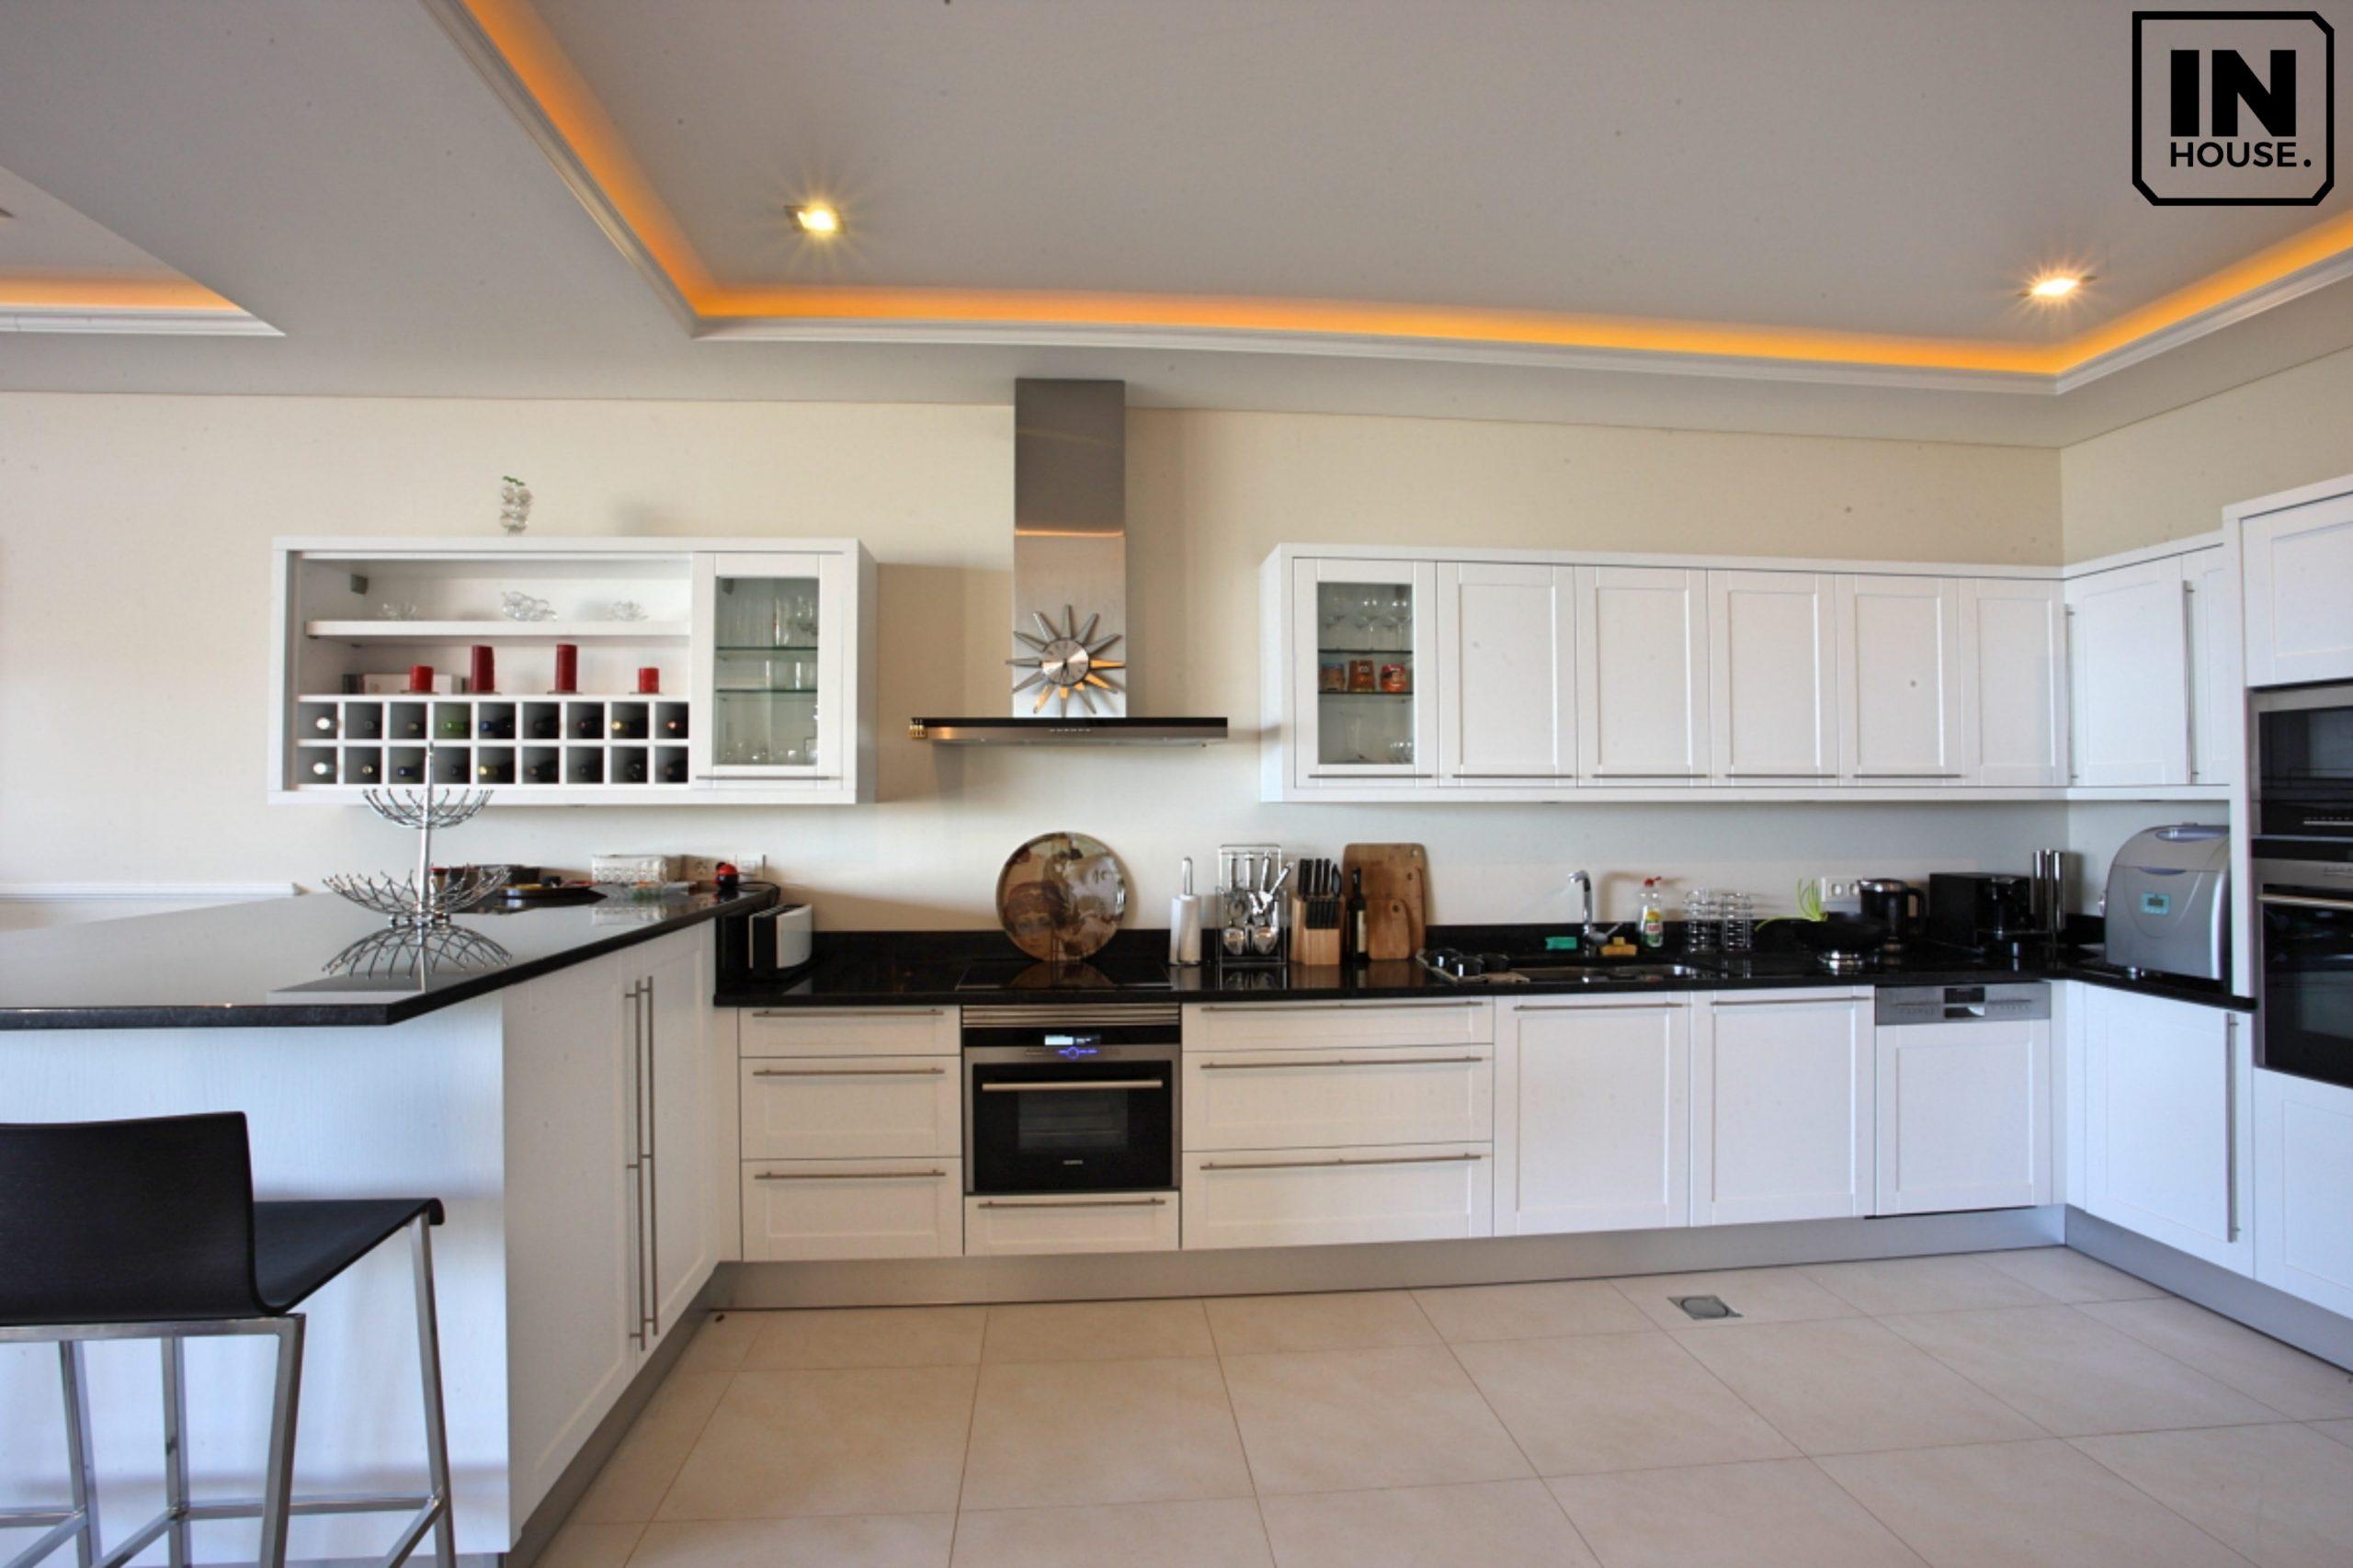 Thiết kế khu vực bếp nấu